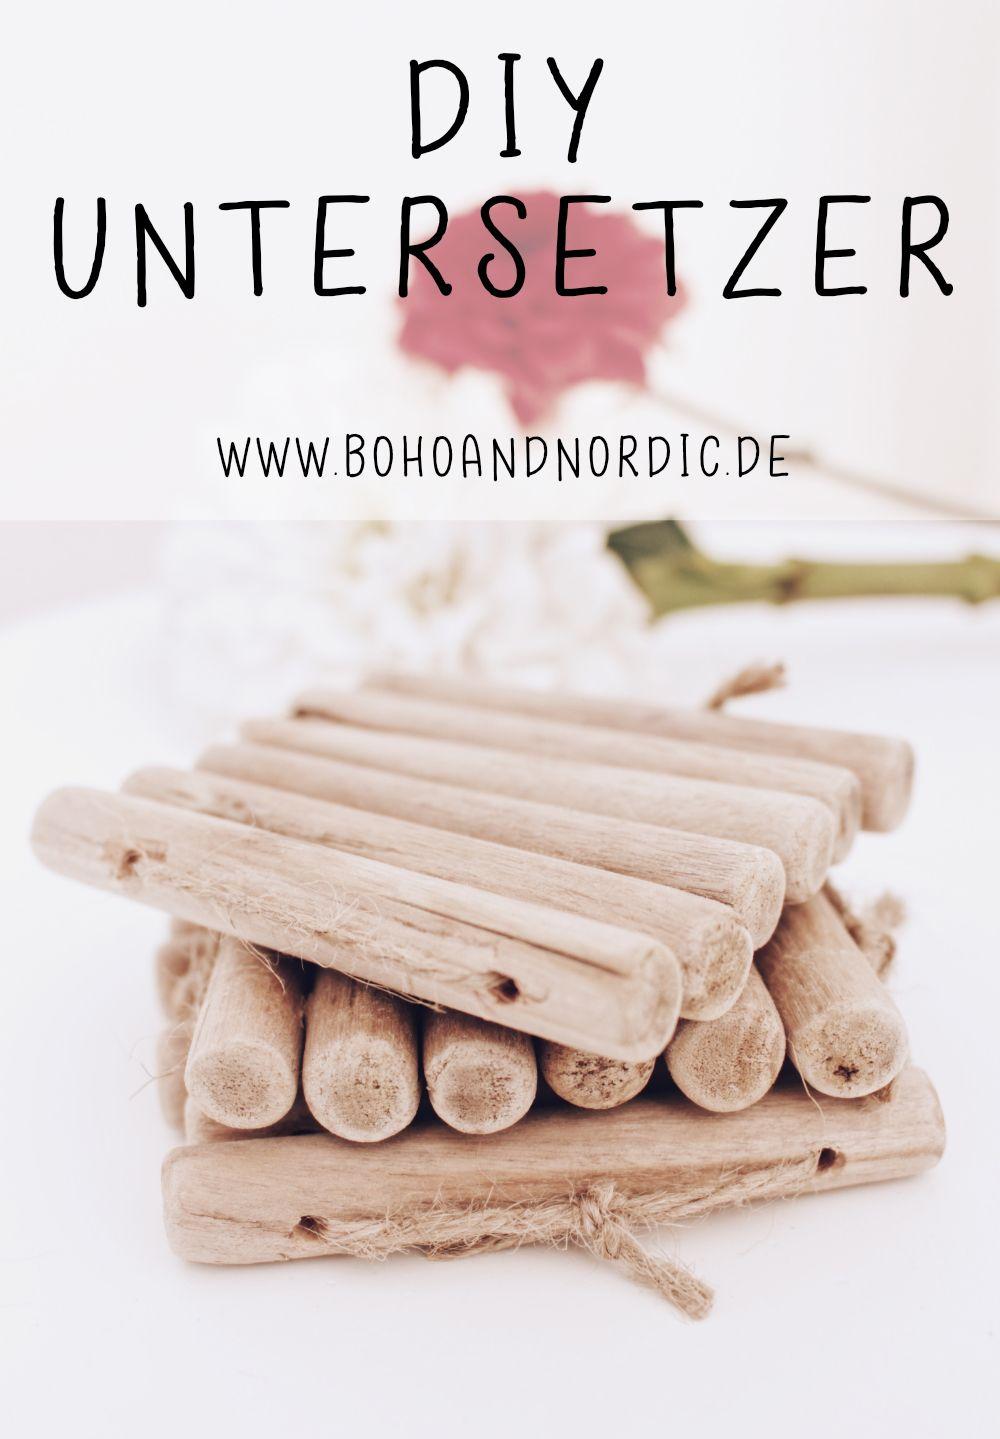 Diy Untersetzer Aus Holz Selber Machen Einfache Und Schone